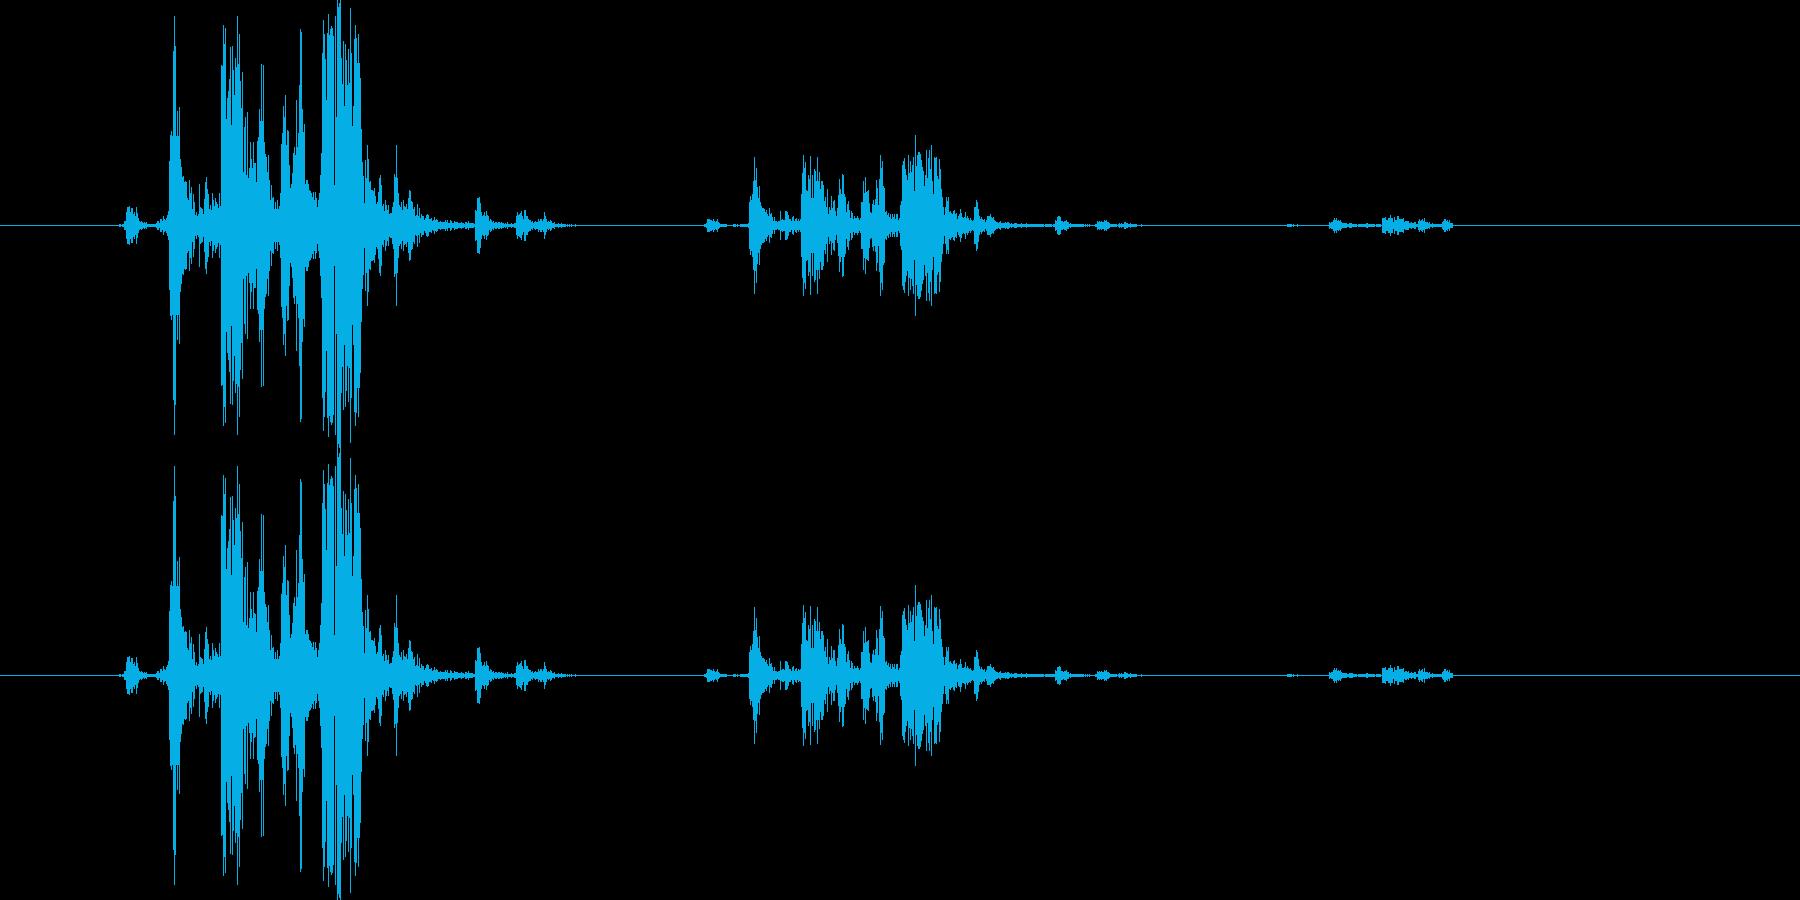 カメラのシャッター音5(カッシャッ)の再生済みの波形